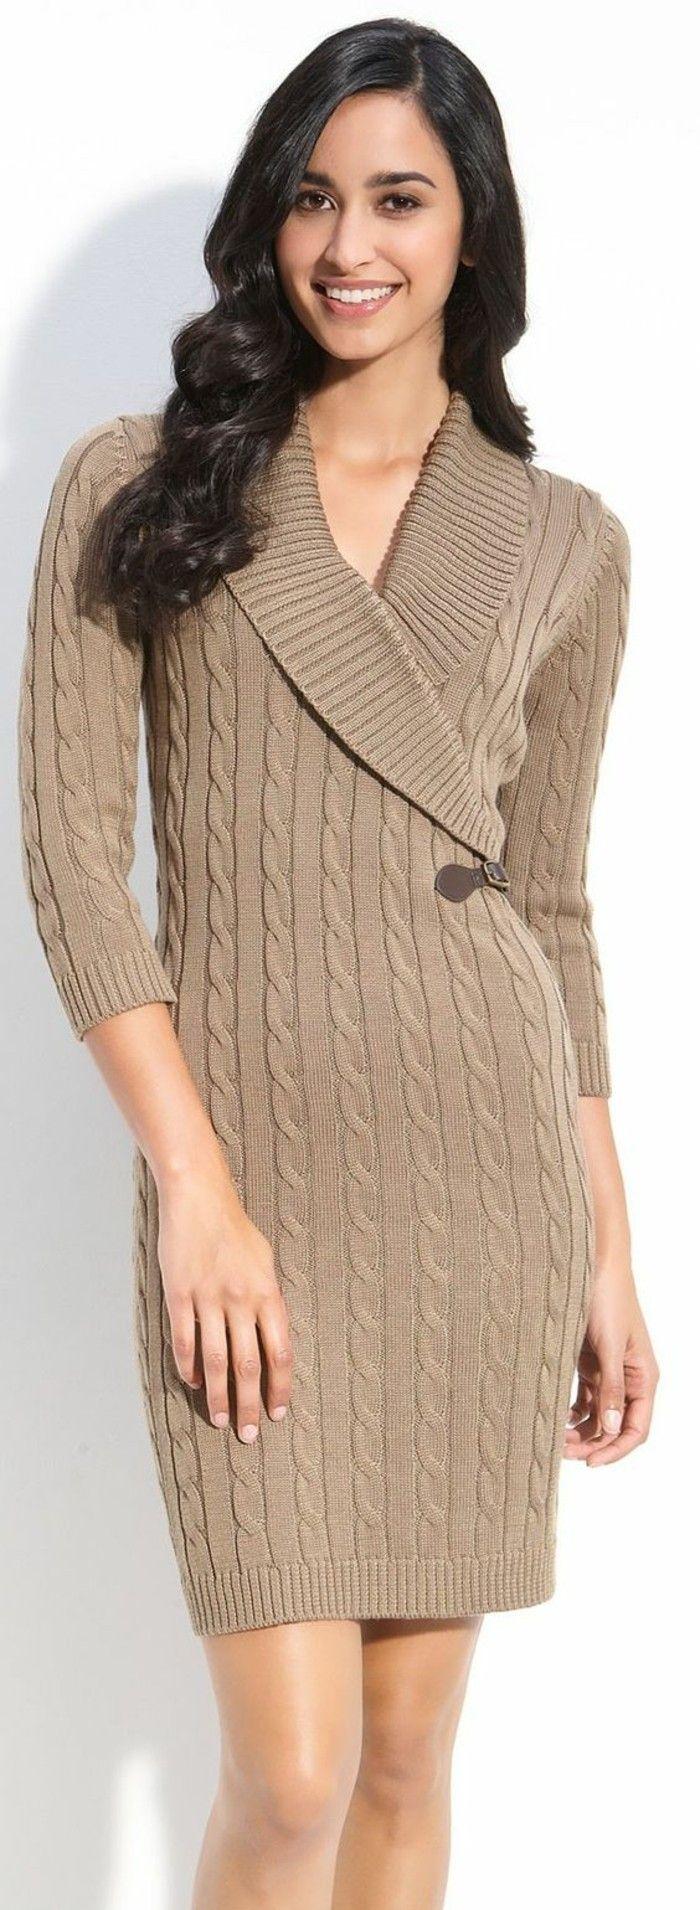 c546ded42fa robes laine longueur au-dessus du genou avec décoration sur le coté ...